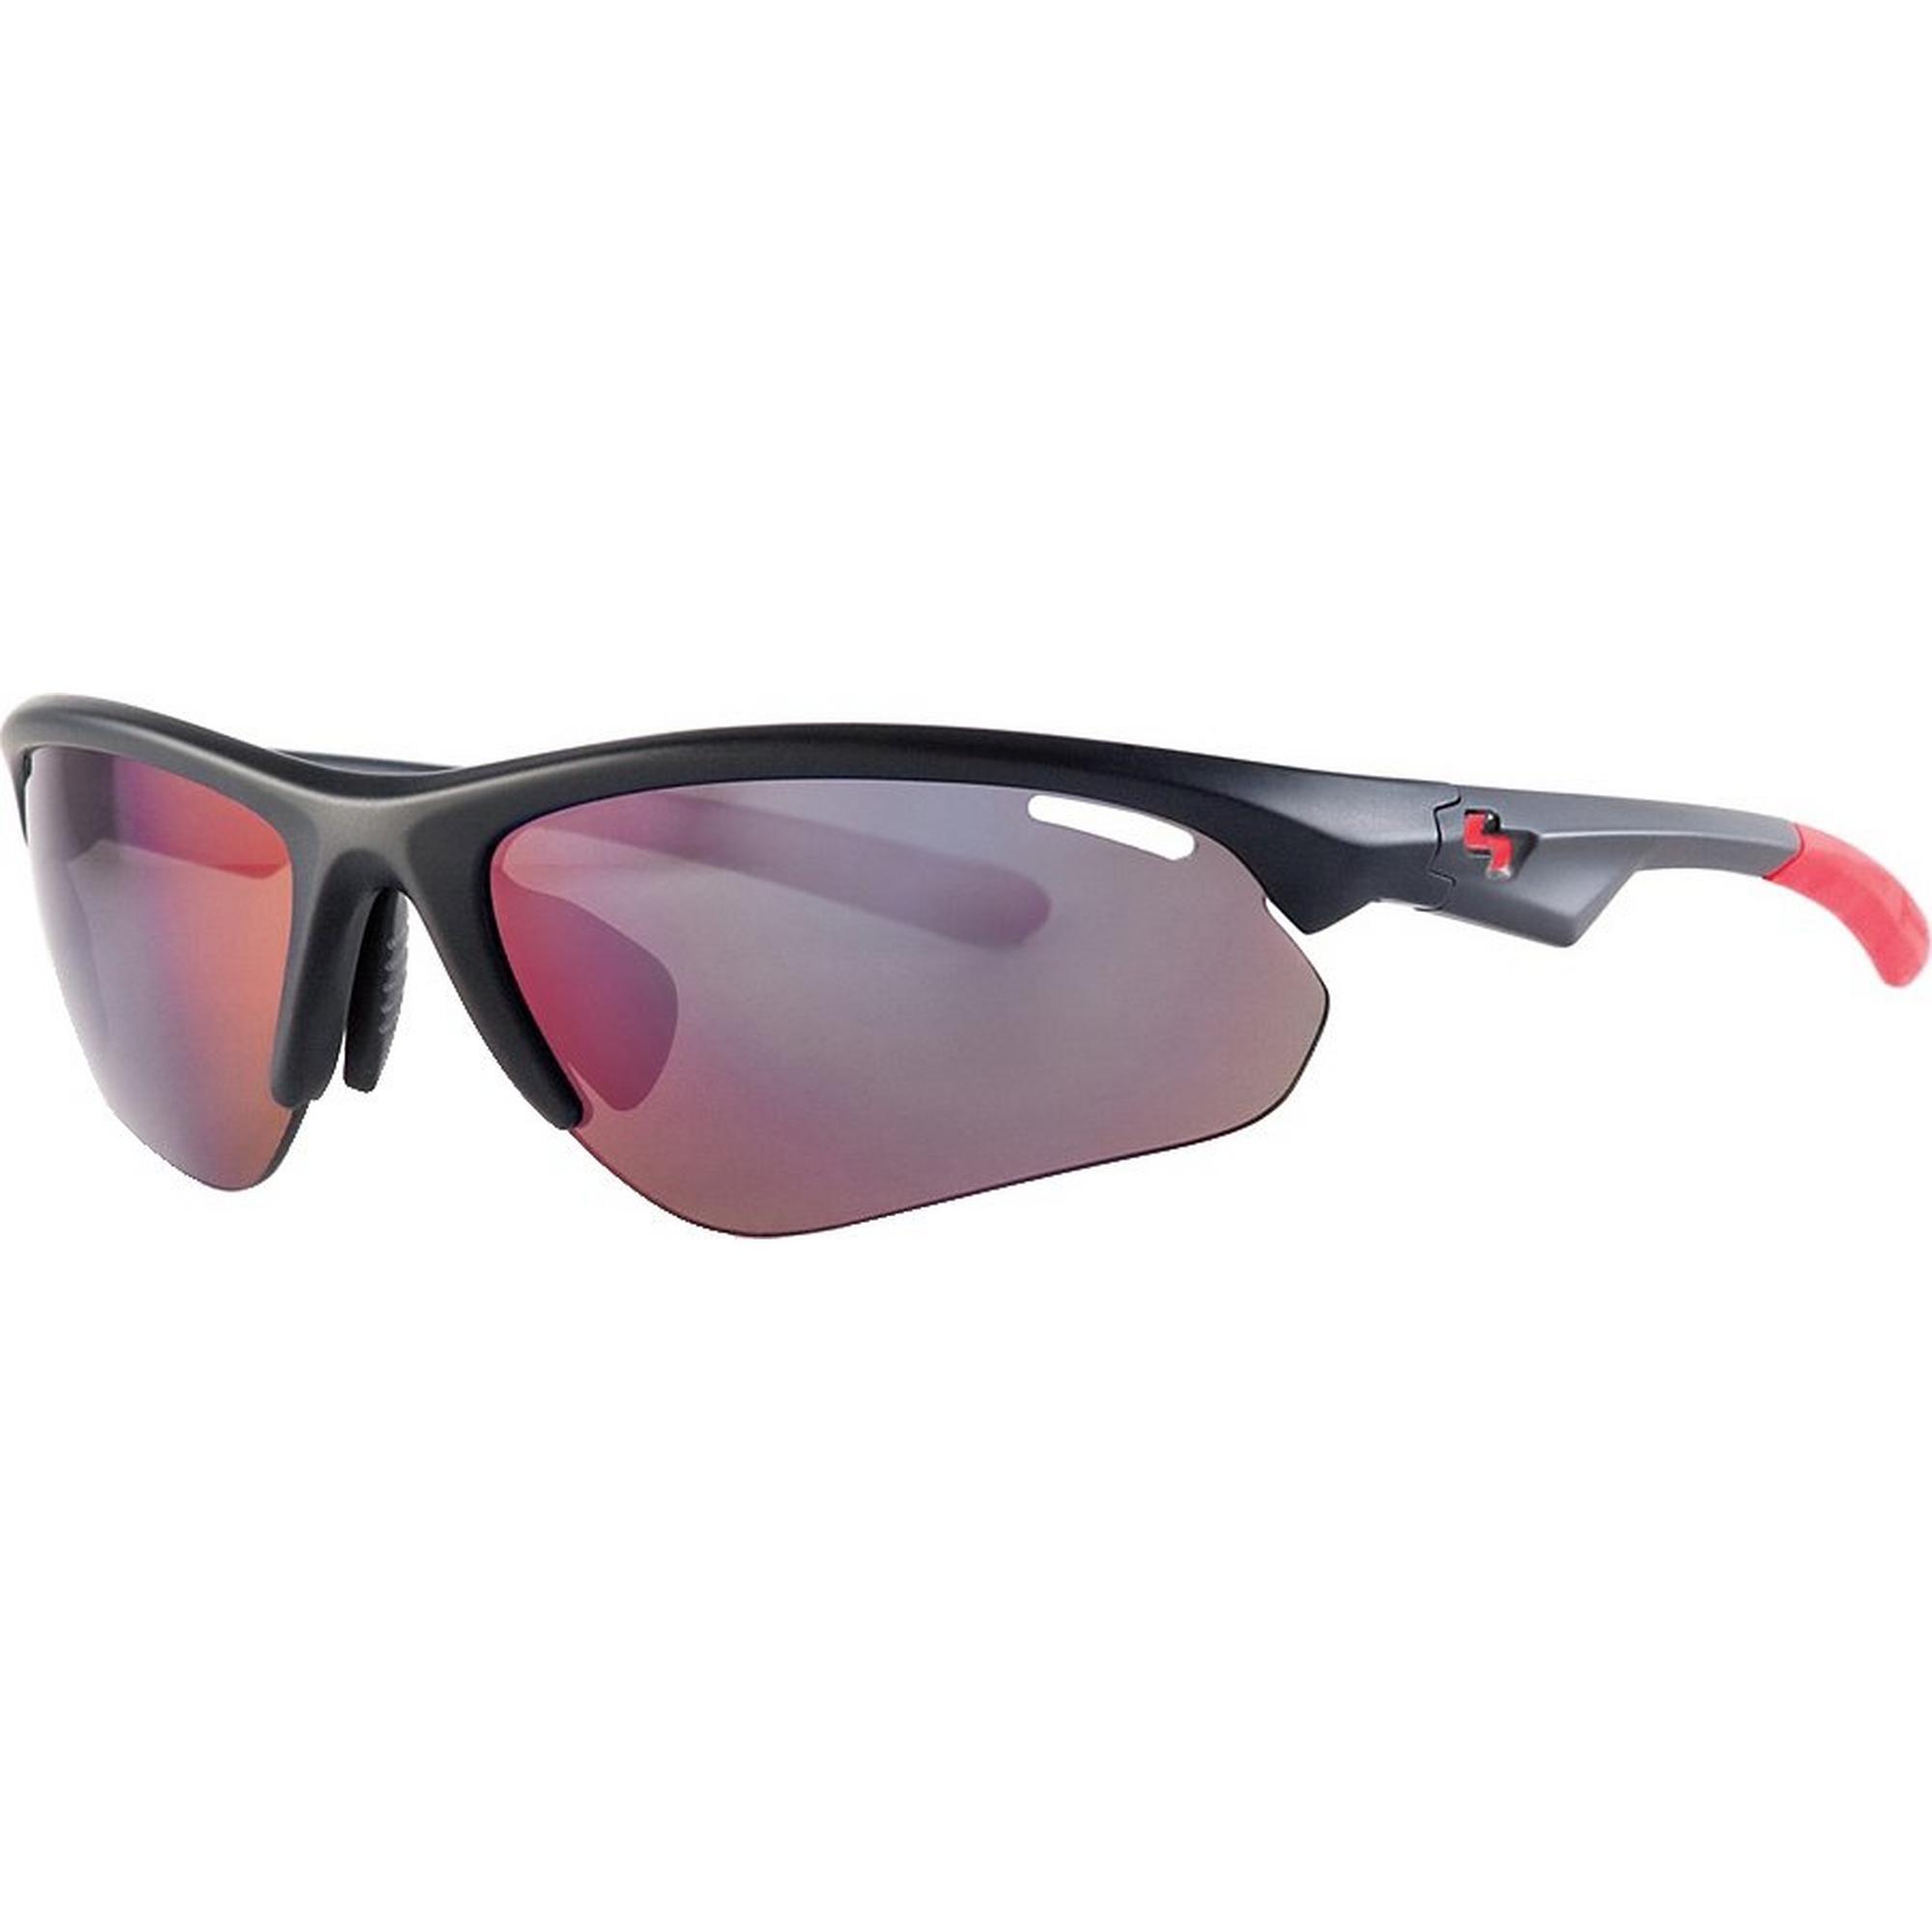 Prime TrueBlue Sunglasses